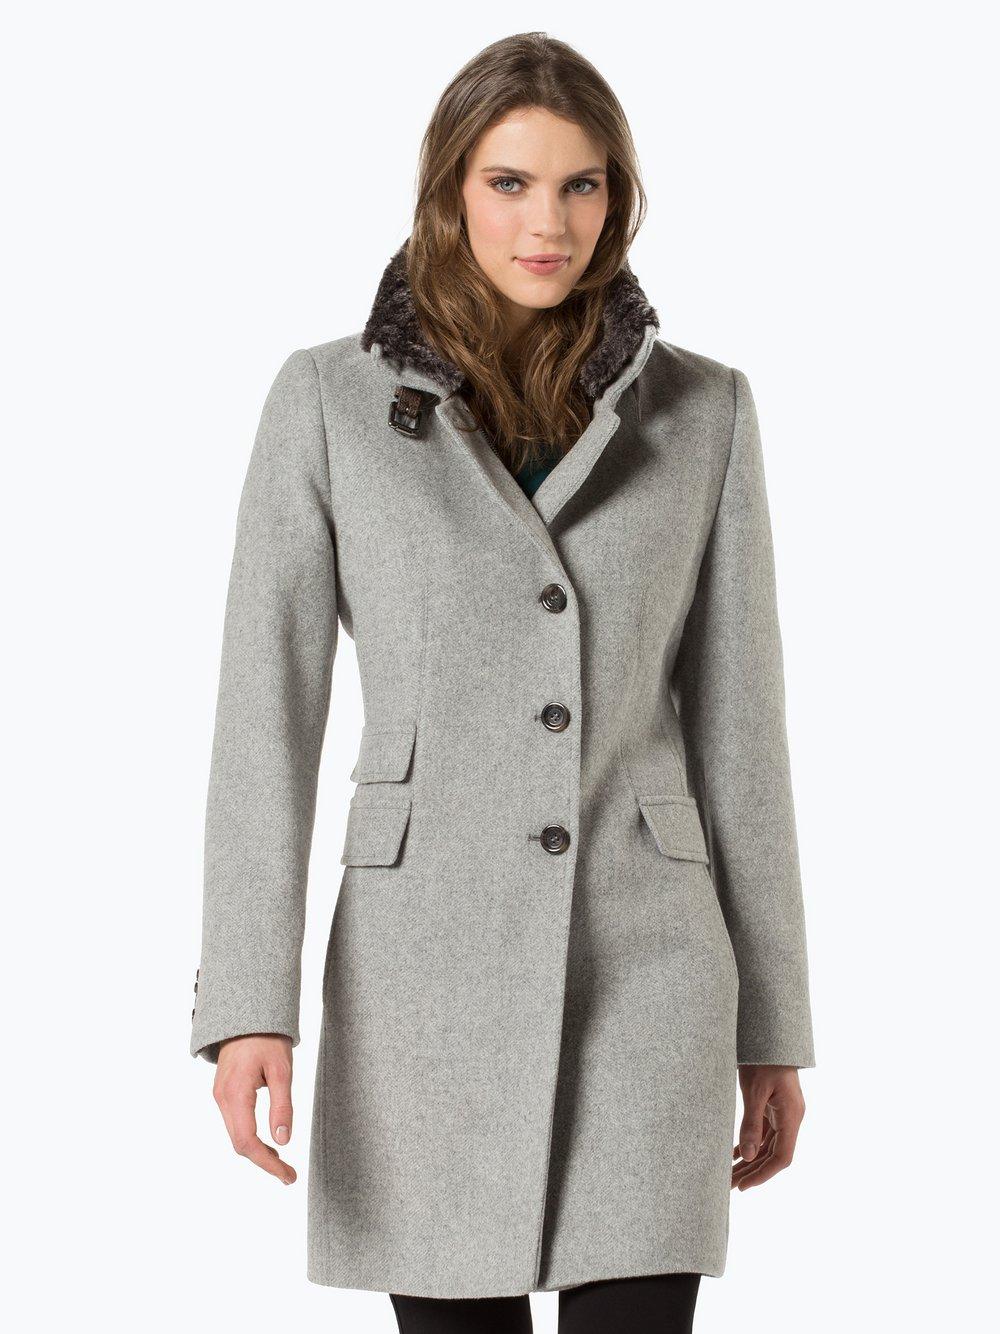 Franco Callegari Damen Mantel Online Kaufen Peek Und